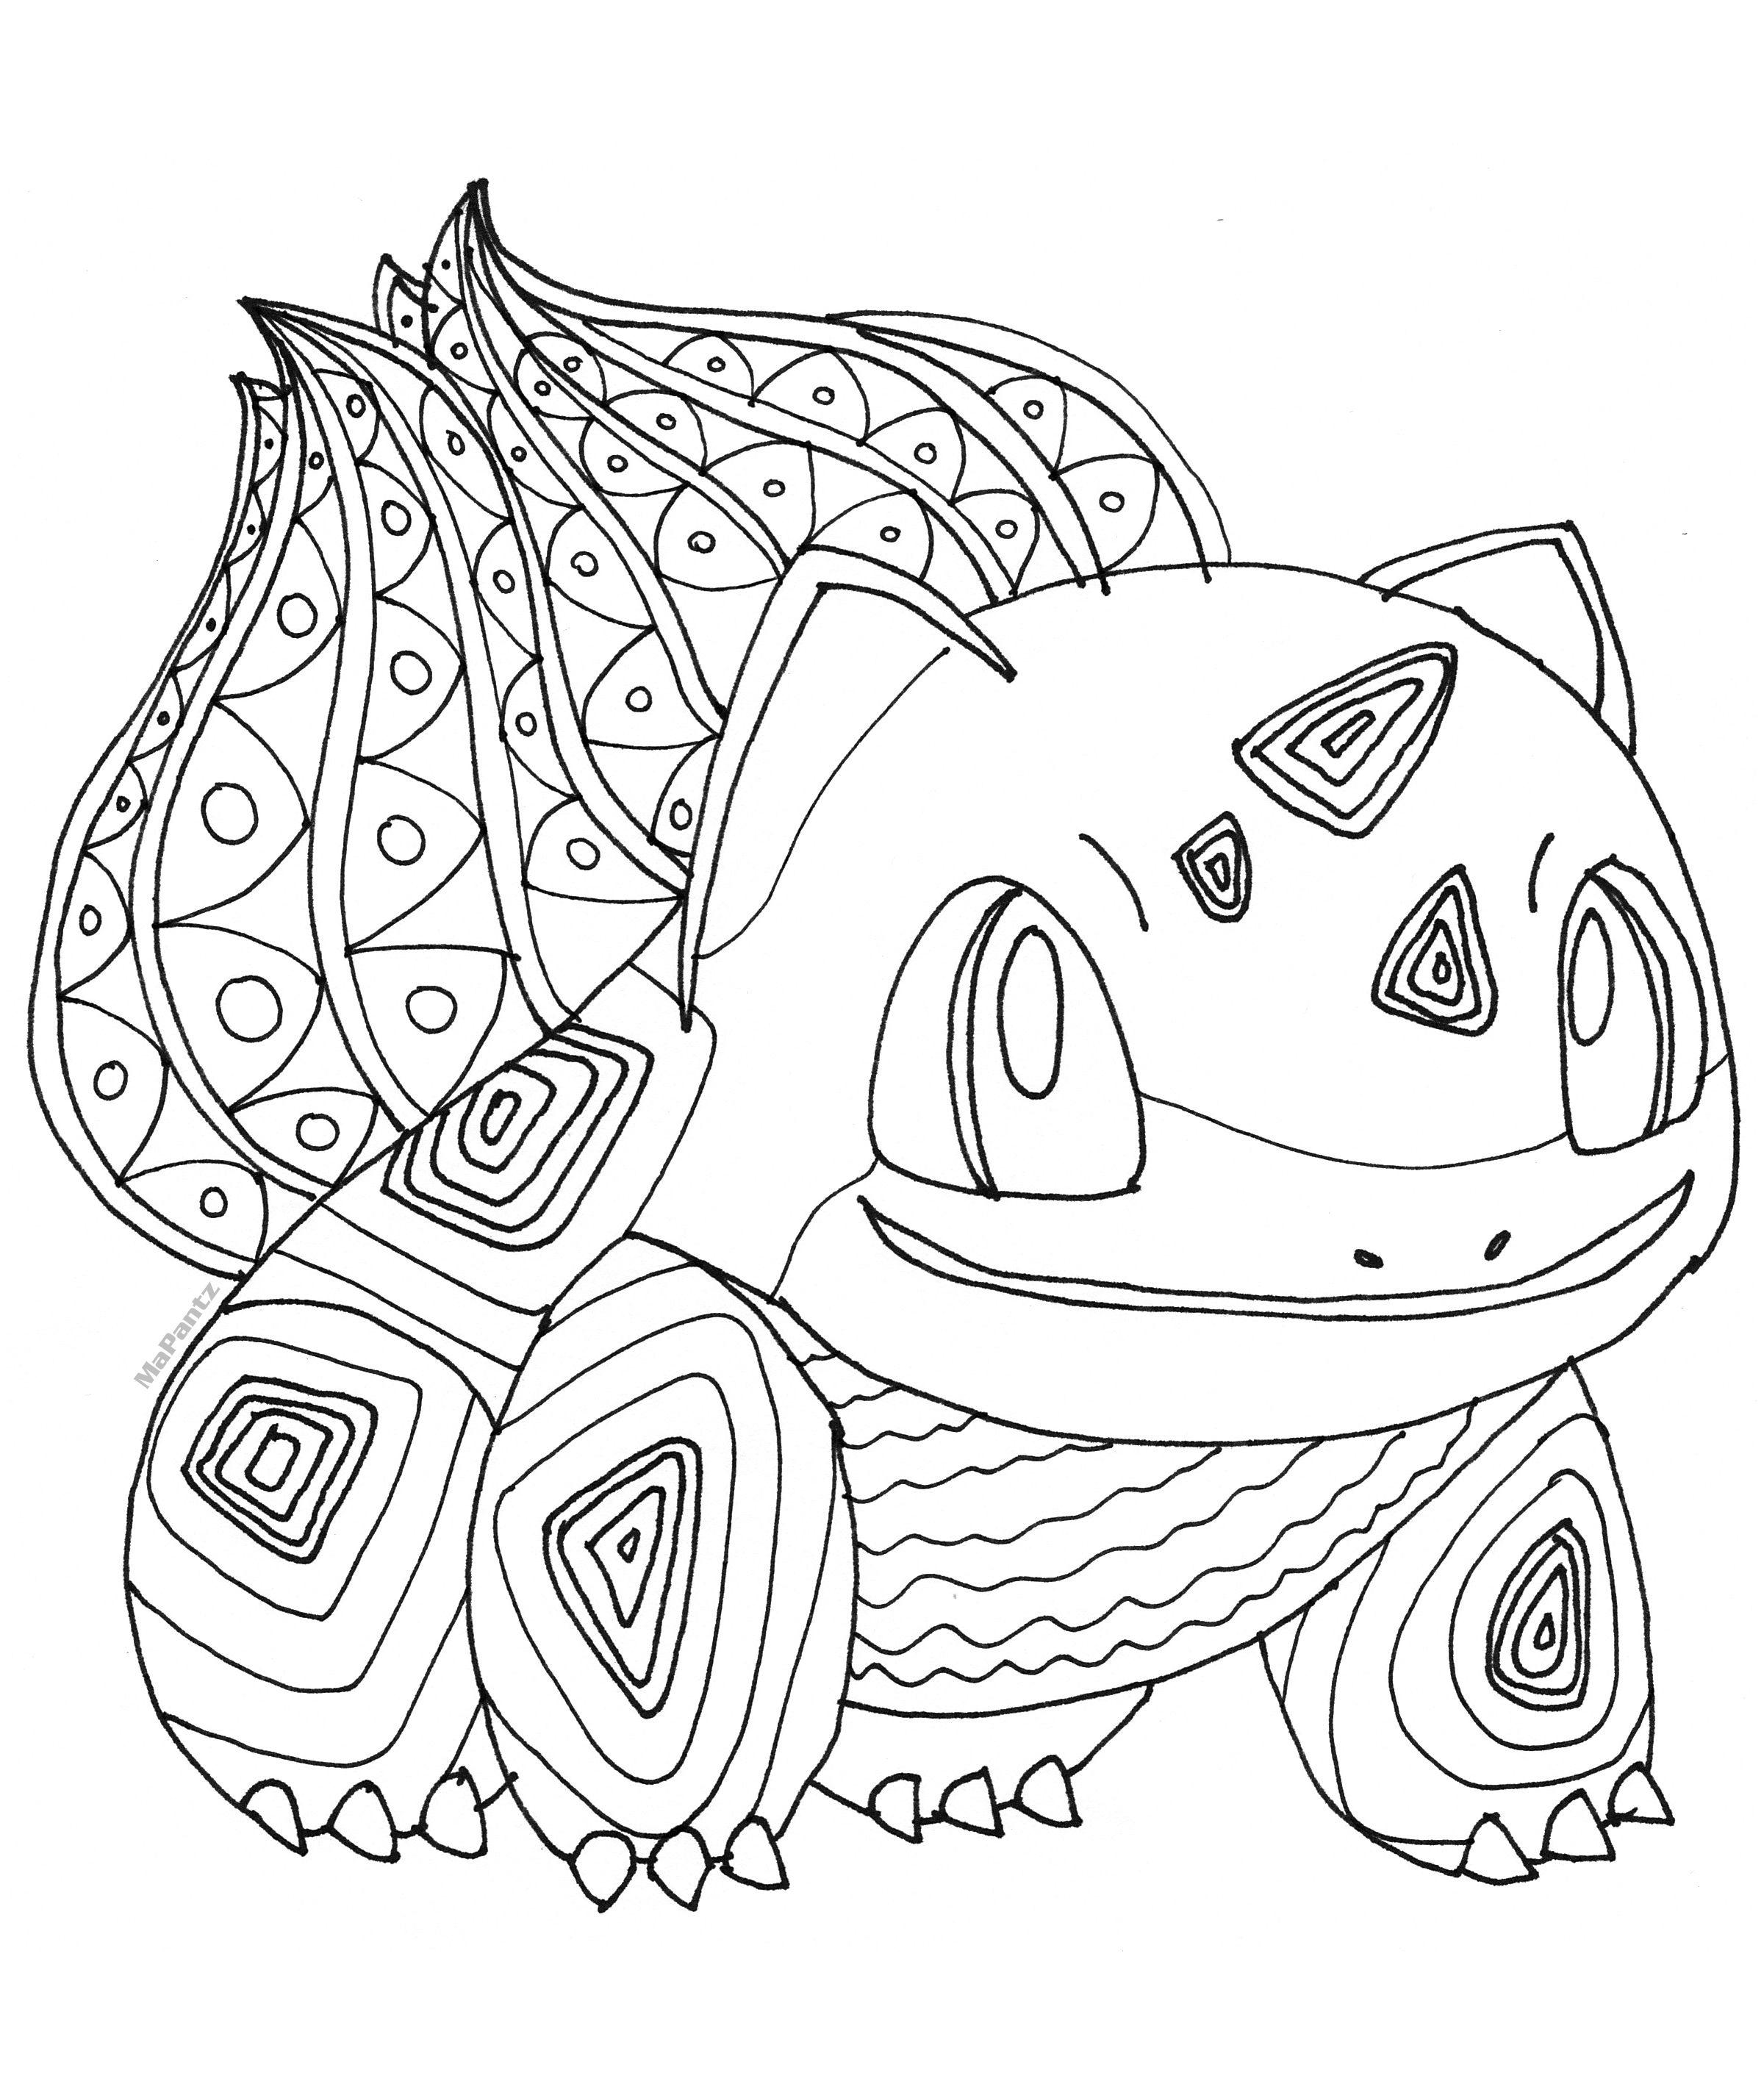 Pokemon Bulbasaur Free Coloring Page by MaPantz  Pokemon coloring